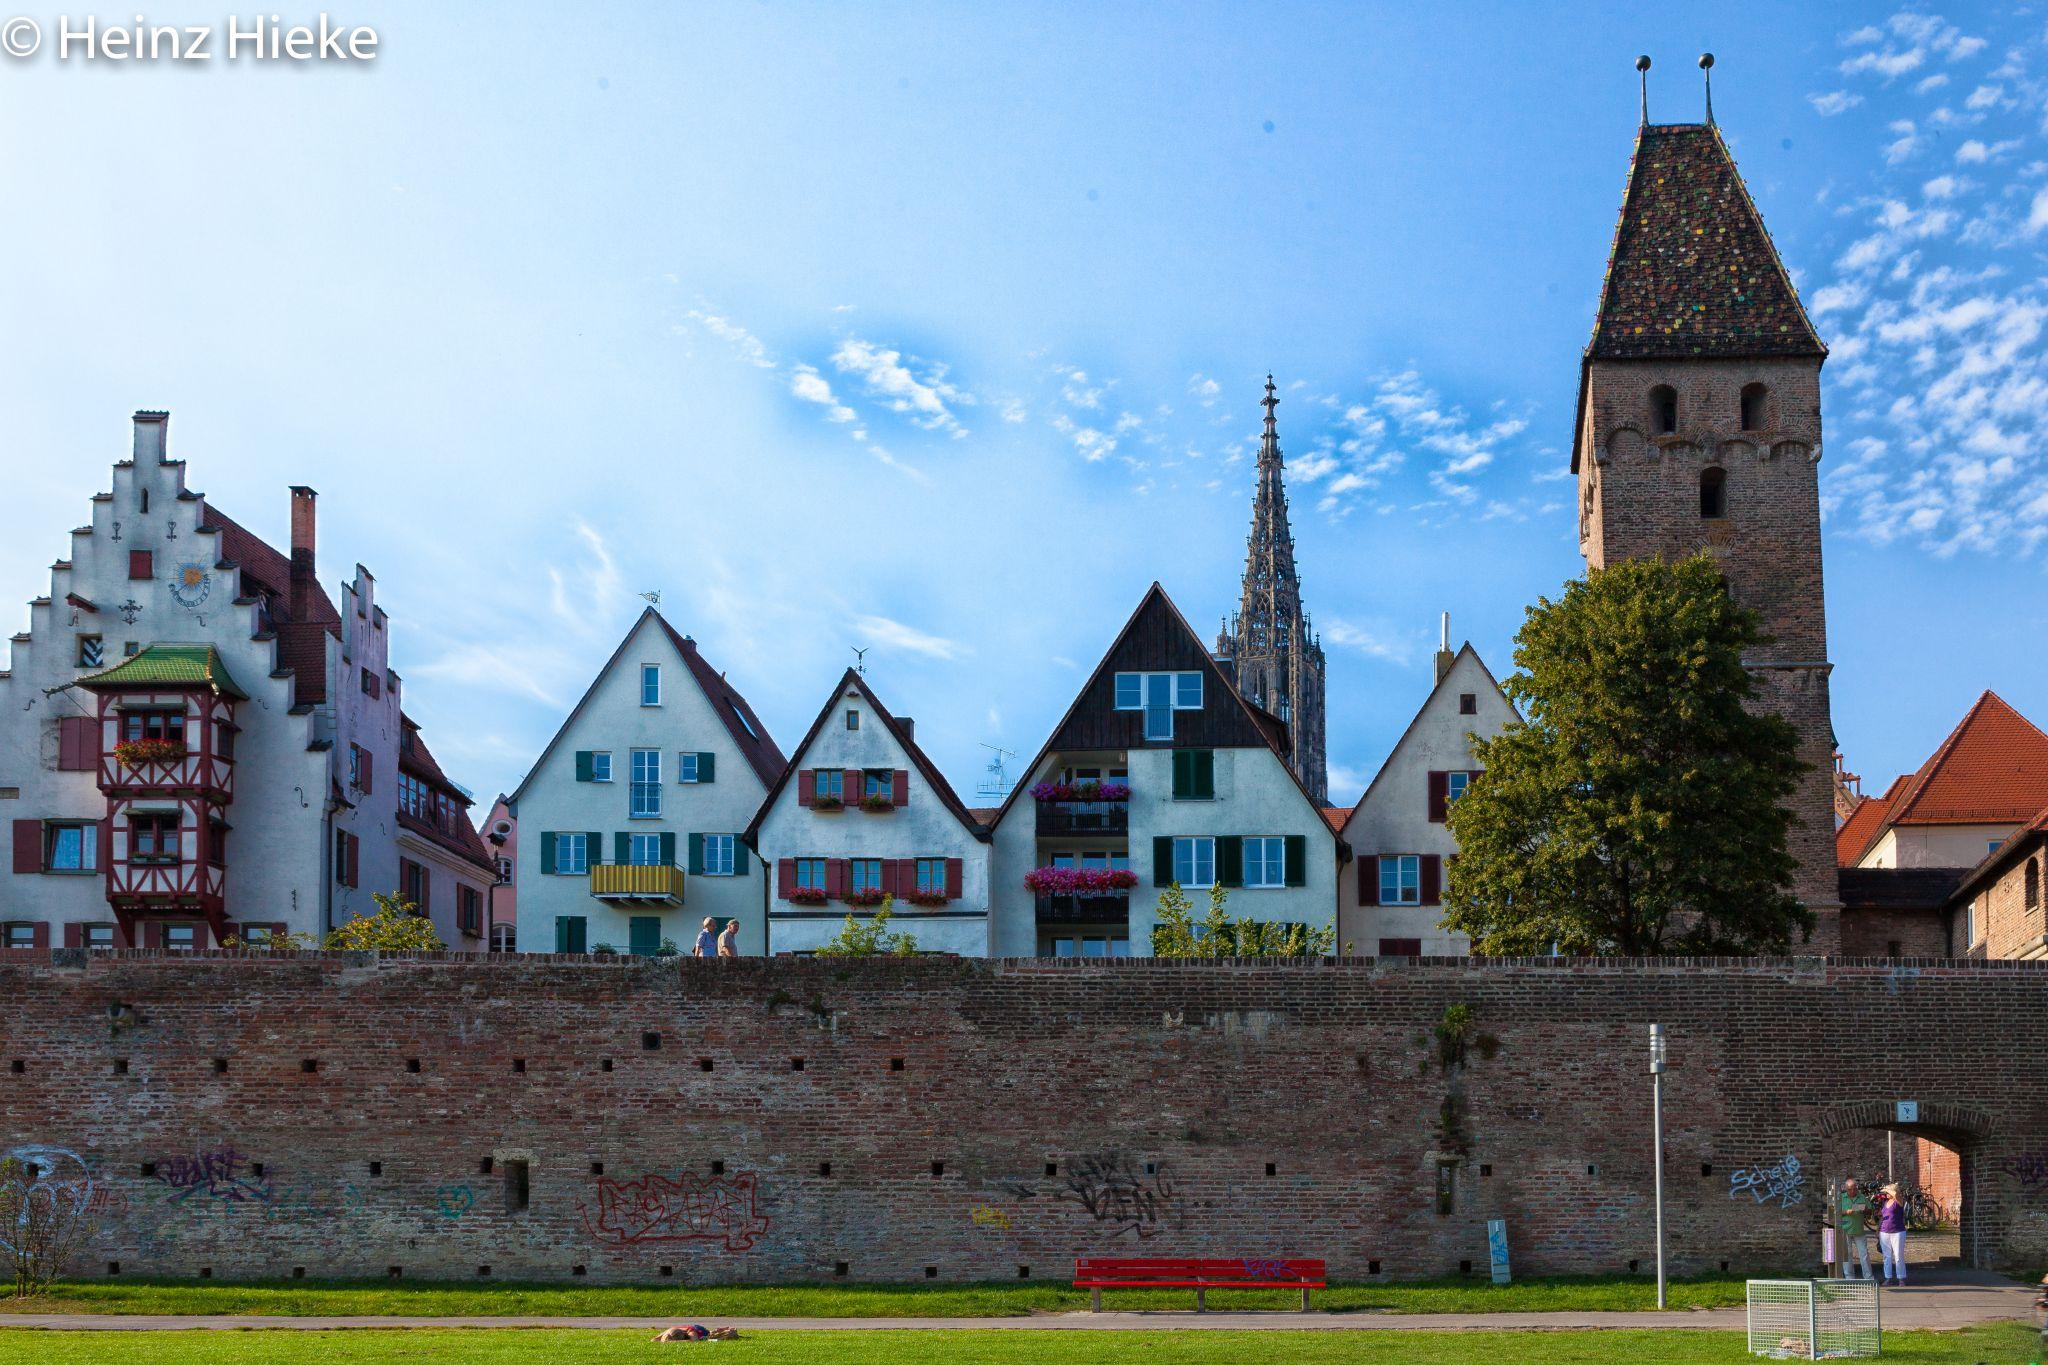 Donauwiese, Germany